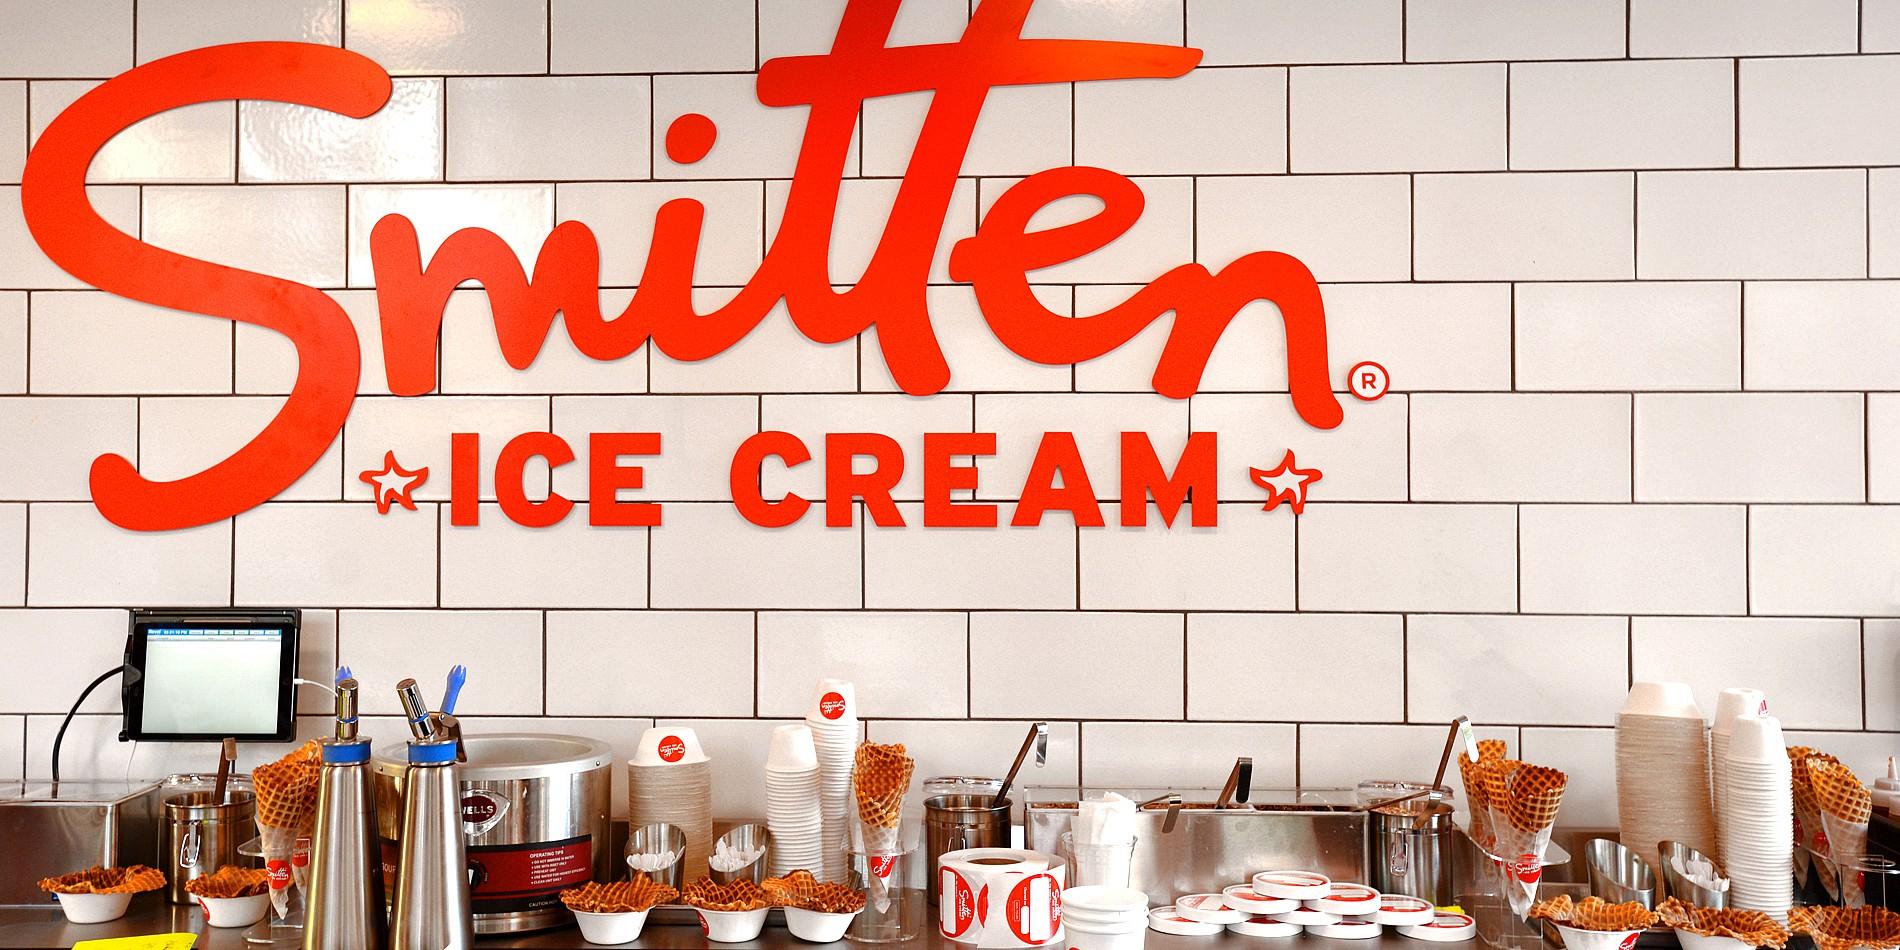 Smitten Ice Cream Logo smitten ice cream | project 13